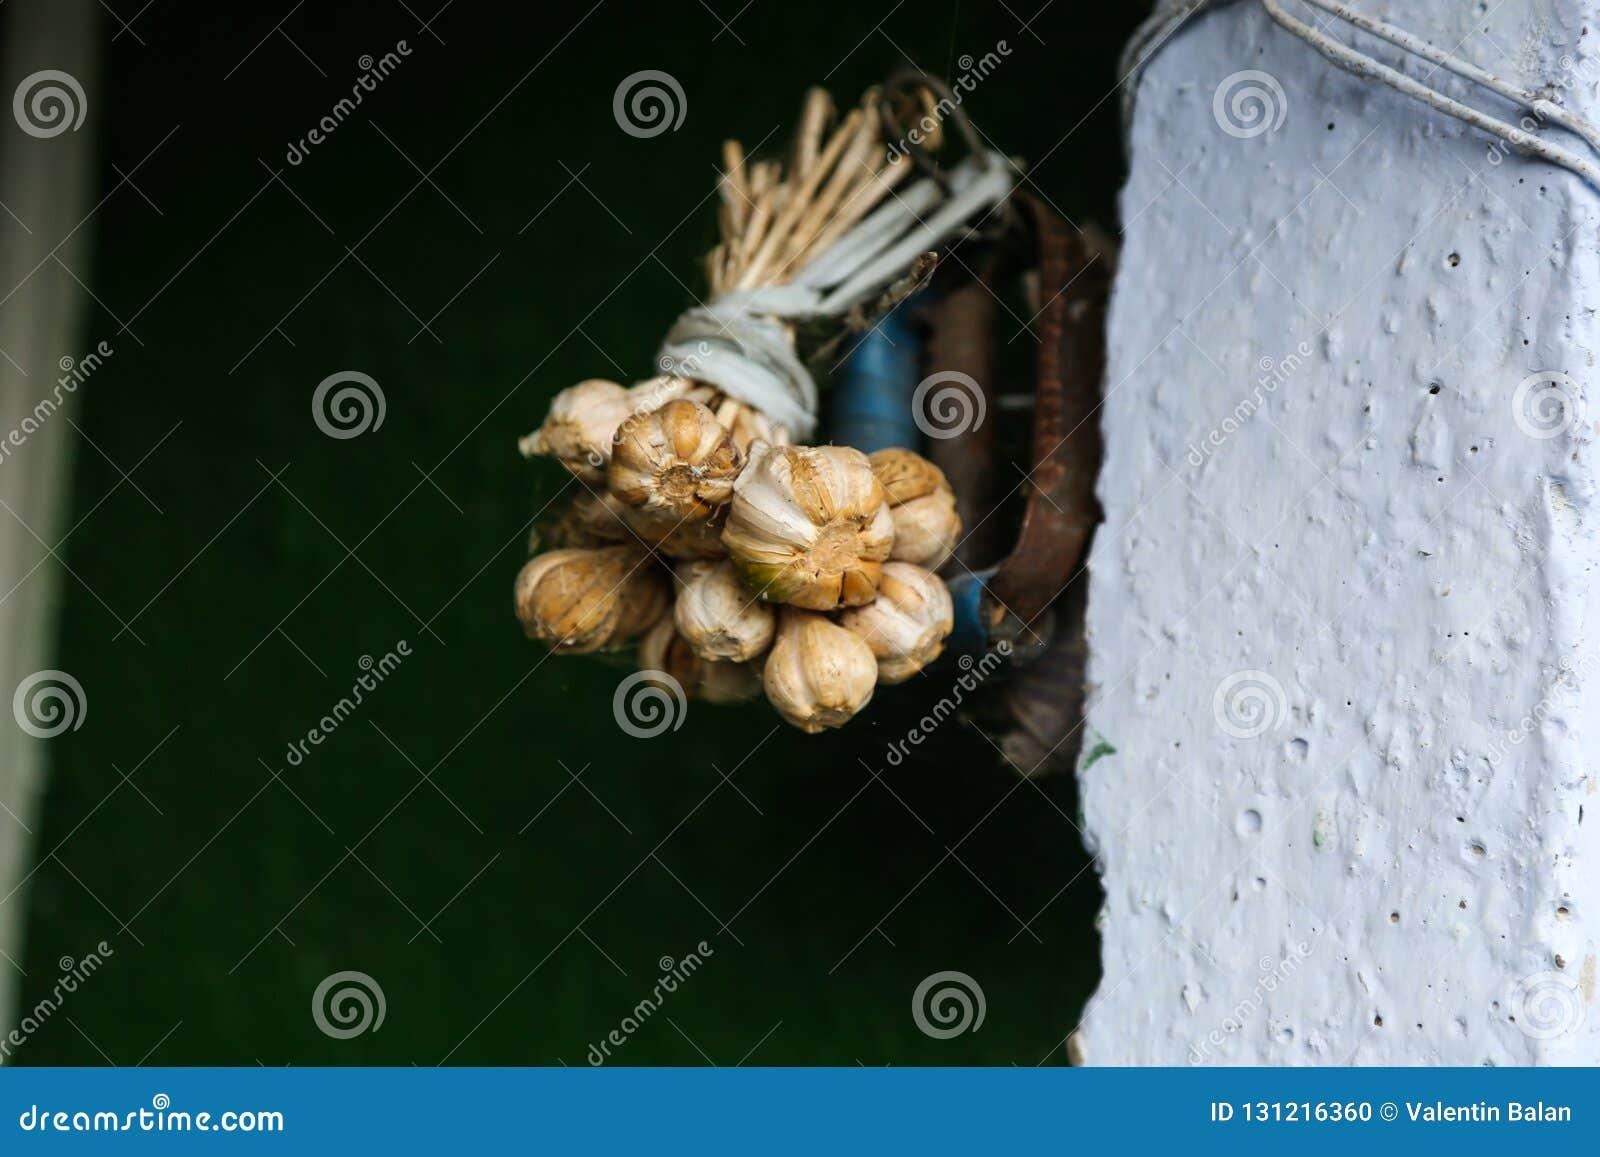 Garlic braid hanging